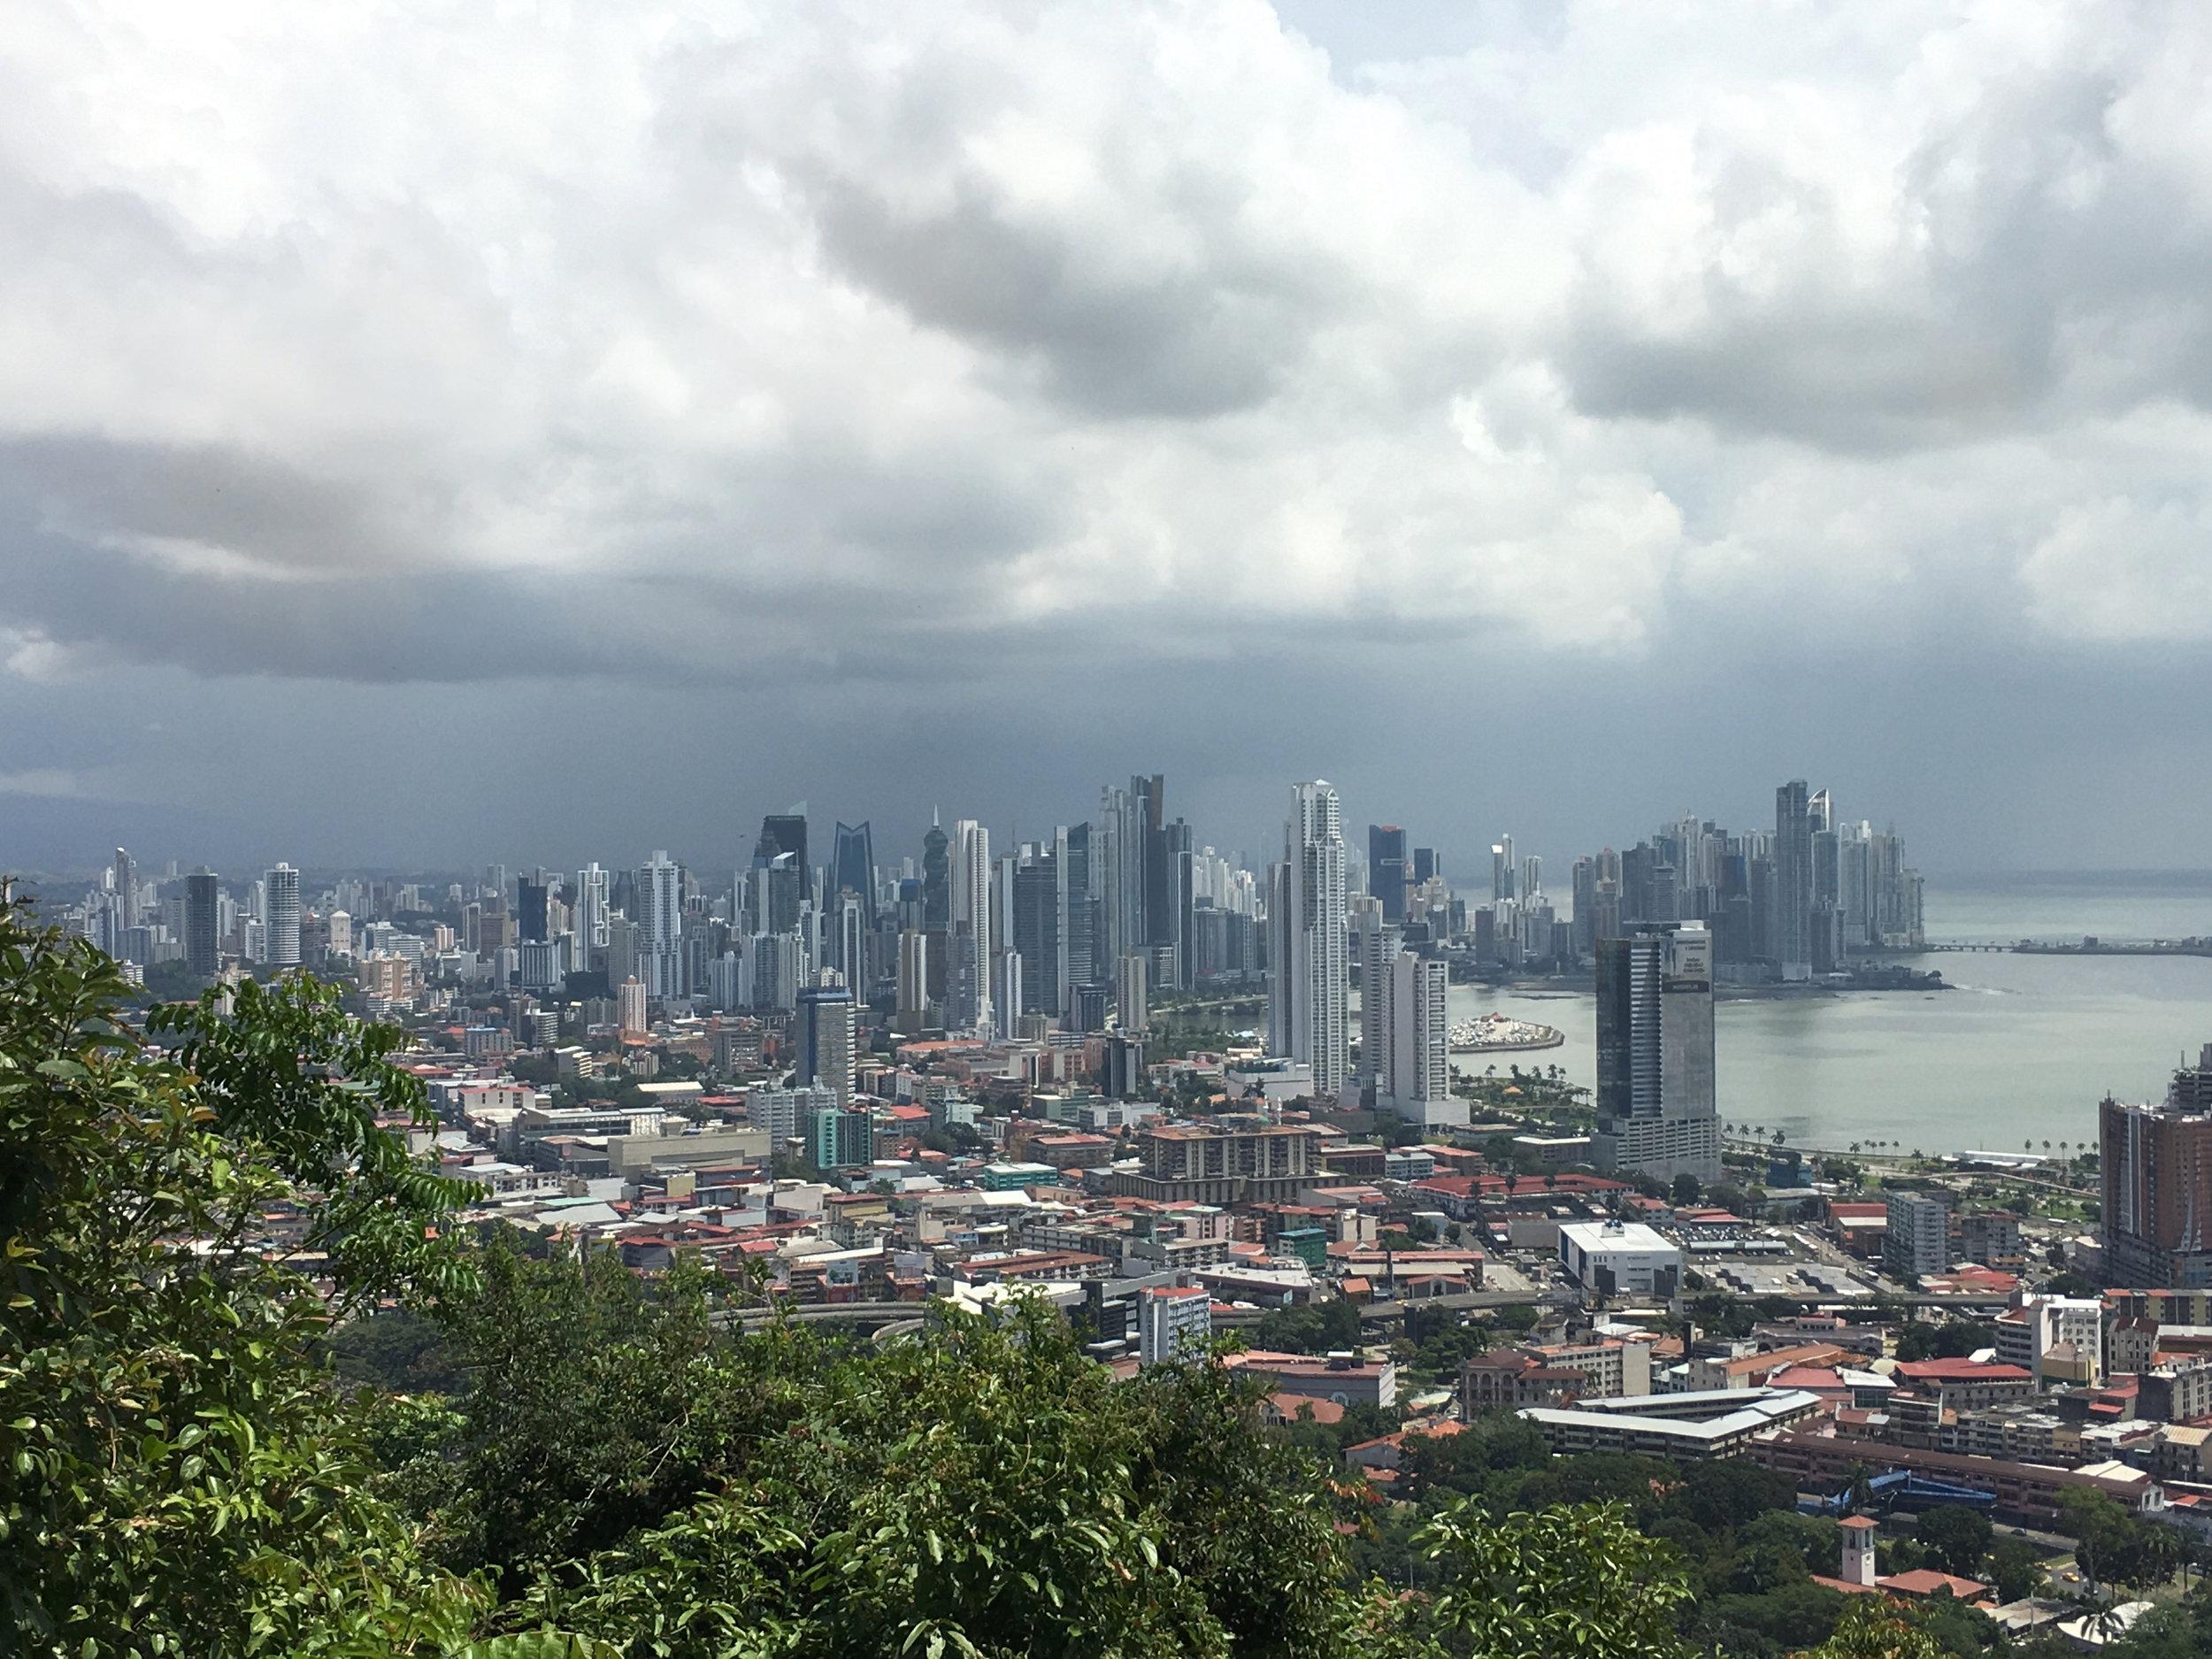 PANAMA CITY (from Alton Hill)